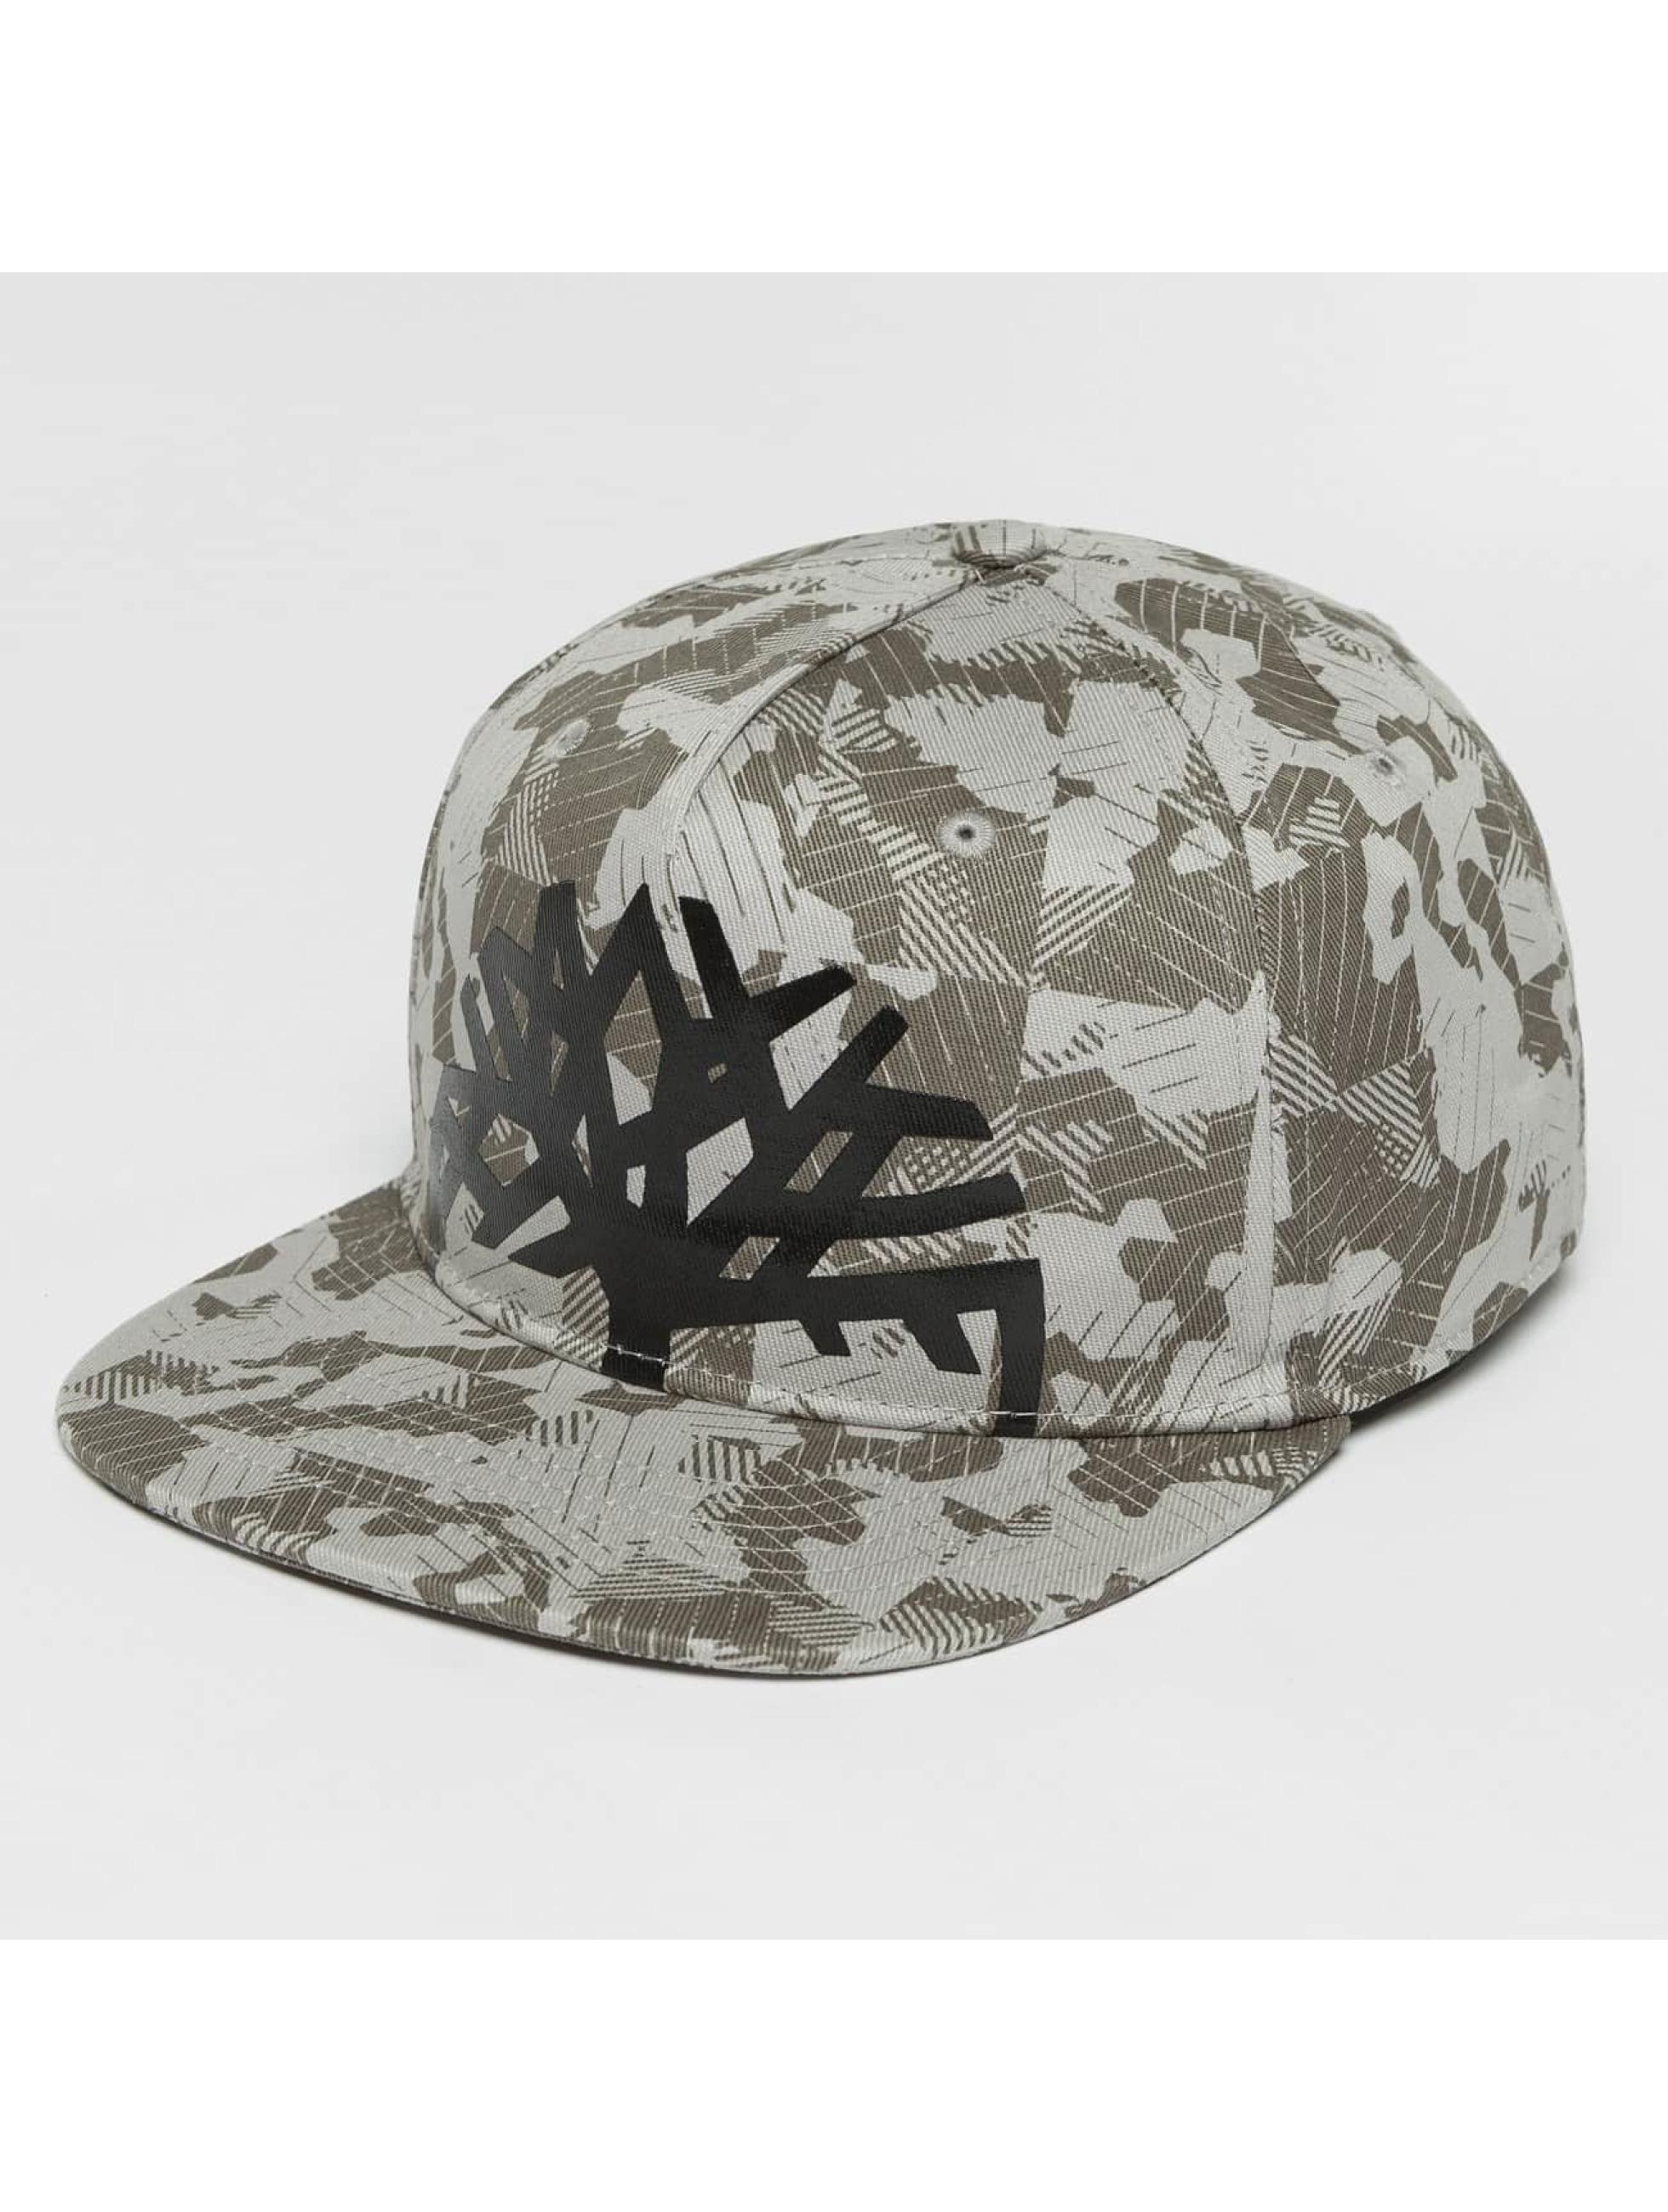 Timberland Snapback Cap Large Logo Camo gray